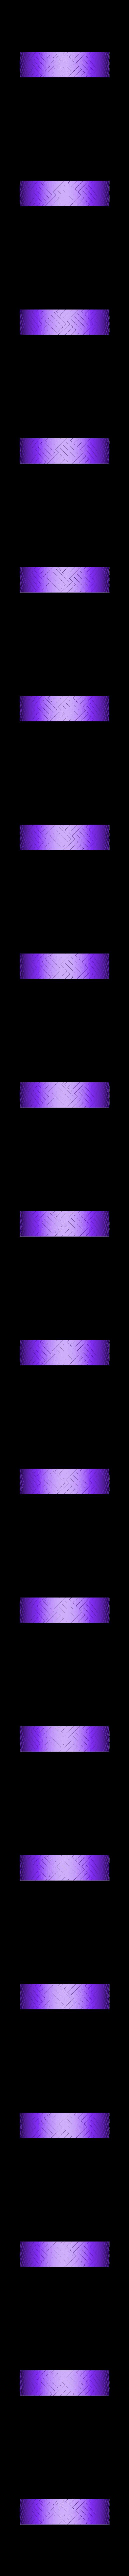 grinder guardafiltro superior patron (weed).STL Télécharger fichier STL BROYEUR DE MAUVAISES HERBES + FILTRES DE SAUVEGARDE DES MAUVAISES HERBES • Objet à imprimer en 3D, SnakeCreations